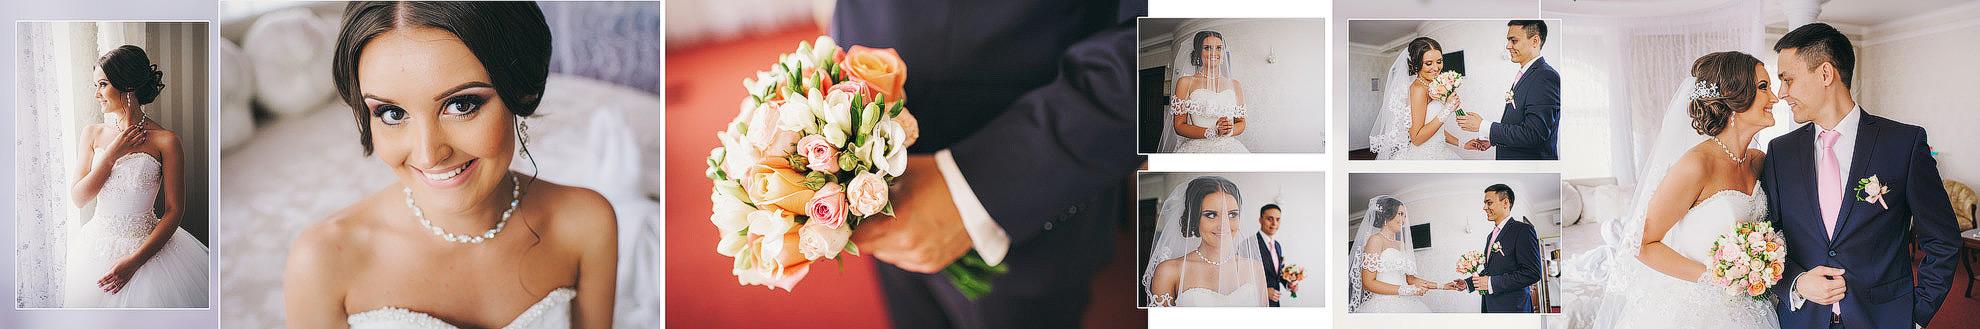 Фотограф на свадьбу в Набережных Челнах (фотографии свадьба Челны)